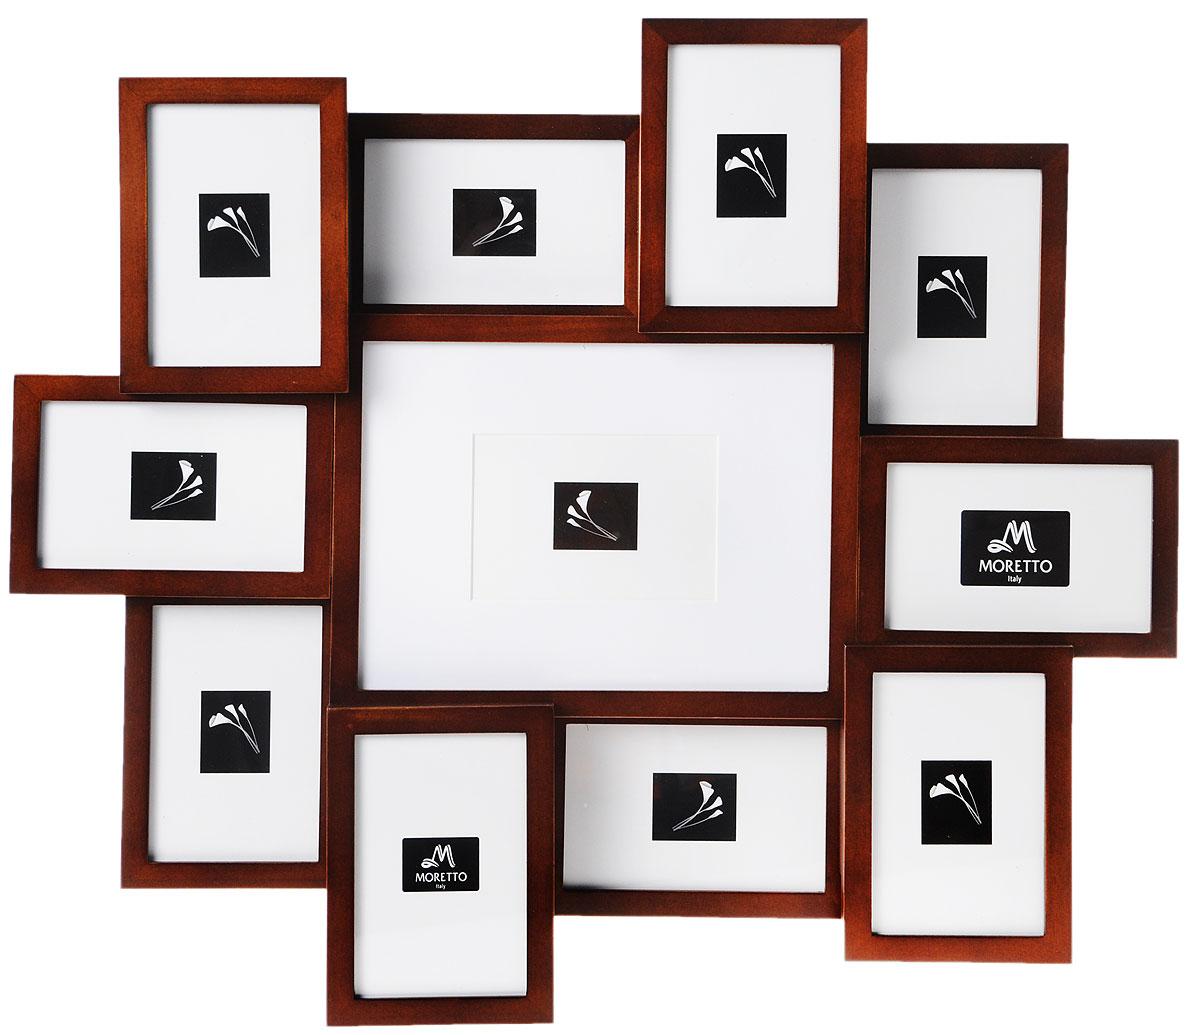 Фоторамка Moretto, на 11 фотоUP210DFФоторамка Moretto отлично дополнит интерьер помещения и поможет сохранить на память ваши любимые фотографии. Фоторамка выполнена из дерева и представляет собой коллаж из 11 прямоугольных рамочек с вертикальным и горизонтальным расположением фотографий. Изделие подвешивается к стене. Такая рамка позволит сохранить на память изображения дорогих вам людей и интересных событий вашей жизни, а также станет приятным подарком для каждого.Размер рамок:- 10 фоторамок 12 х 17 см для фото 10 х 15 см,- фоторамка 28,5 х 22,2 см для фото 20 х 26 см, Общий размер фоторамки: 63 х 56 см.